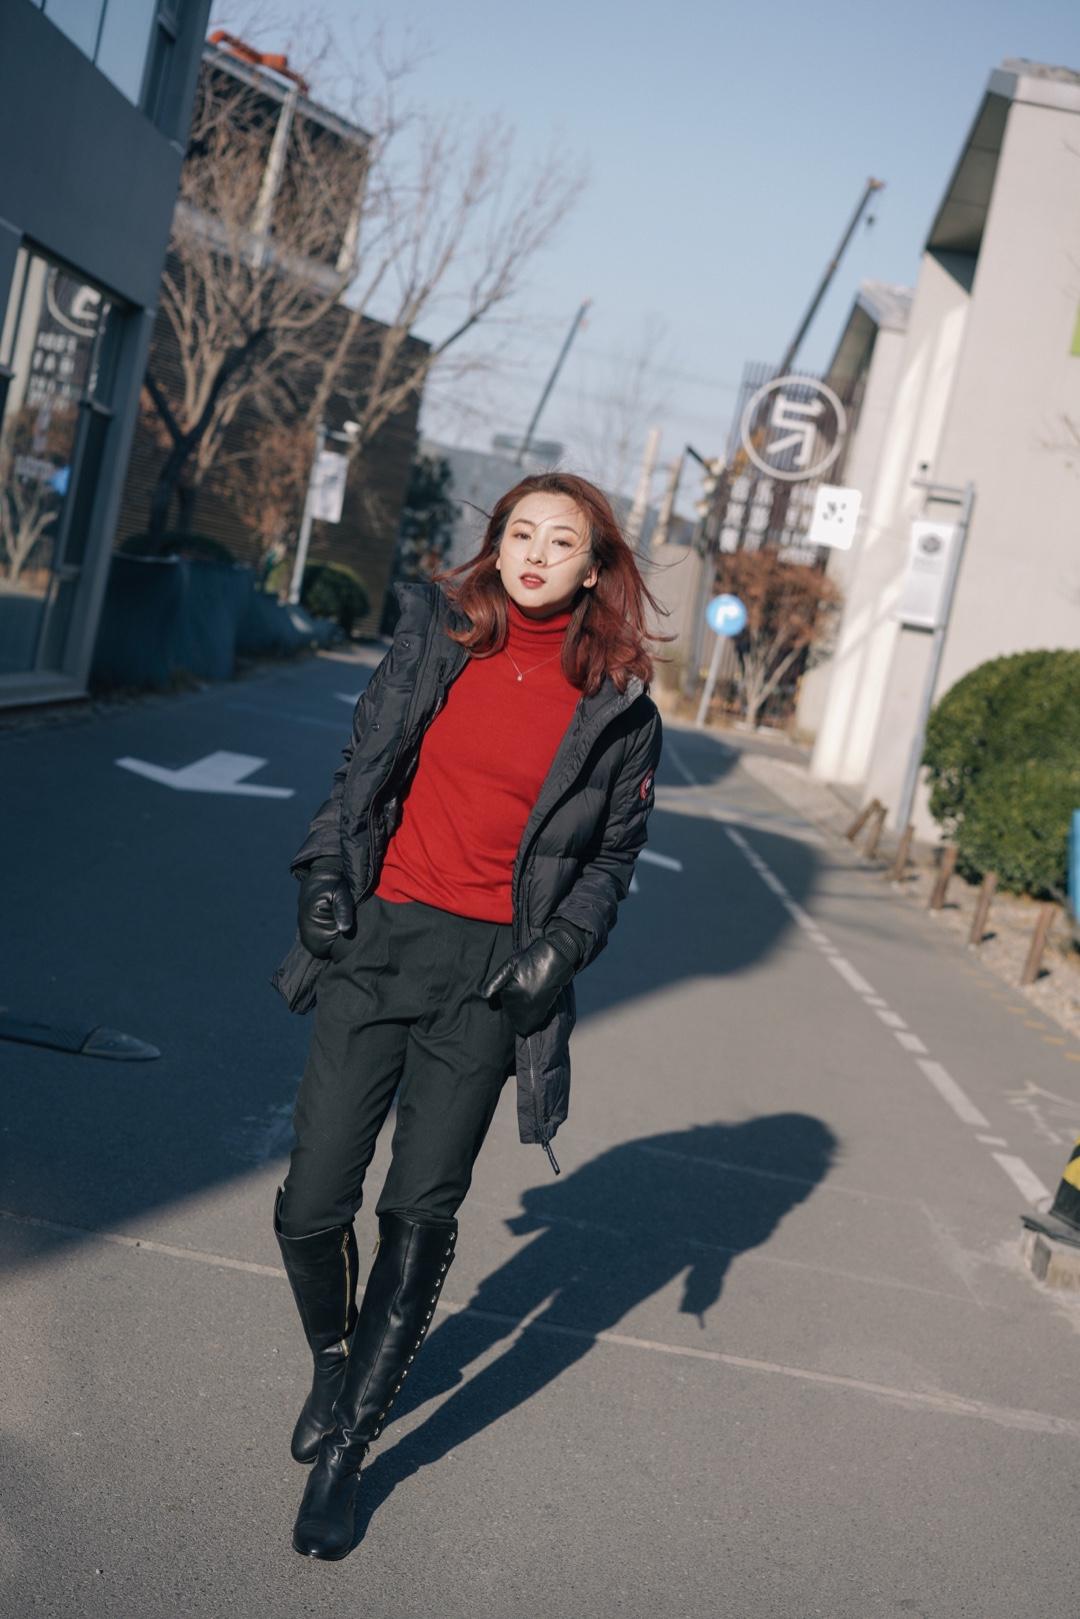 """过年讨喜的开运红look ✨ 过年回家身上总要有点红,老人们才觉得喜庆。还得很暖和才行,觉得闺女长大了,再也不是当年那个""""老了以后肯定冻出关节炎""""的叛逆崽。 ✨ 同时满足这两点,我的思路是裹好厚厚的羽绒服,用内搭红色毛衣来点亮。 ✨ 如果冬天只允许我拥有一件羽绒服,我会选黑色大鹅,不仅百搭潇洒不显臃肿,关键真的超暖和!拍照那天北京刮八级风,体感温度-15度,裹上大鹅真的不怕了。冬天很值得投资一件,穿个小十年问题不大。 ✨ 进屋就可以把羽绒服脱下来了,露出喜庆的红毛衣跟家人们吃饭合影,只要有一点红就足够。 ✨ 羽绒服:Canada Goose 红色针织衫:Massimo Dutti 西裤:旧款 皮靴:Michael Kors 韦思嘉:混迹时尚圈的清华工科小姐姐。 #今天穿什么#"""